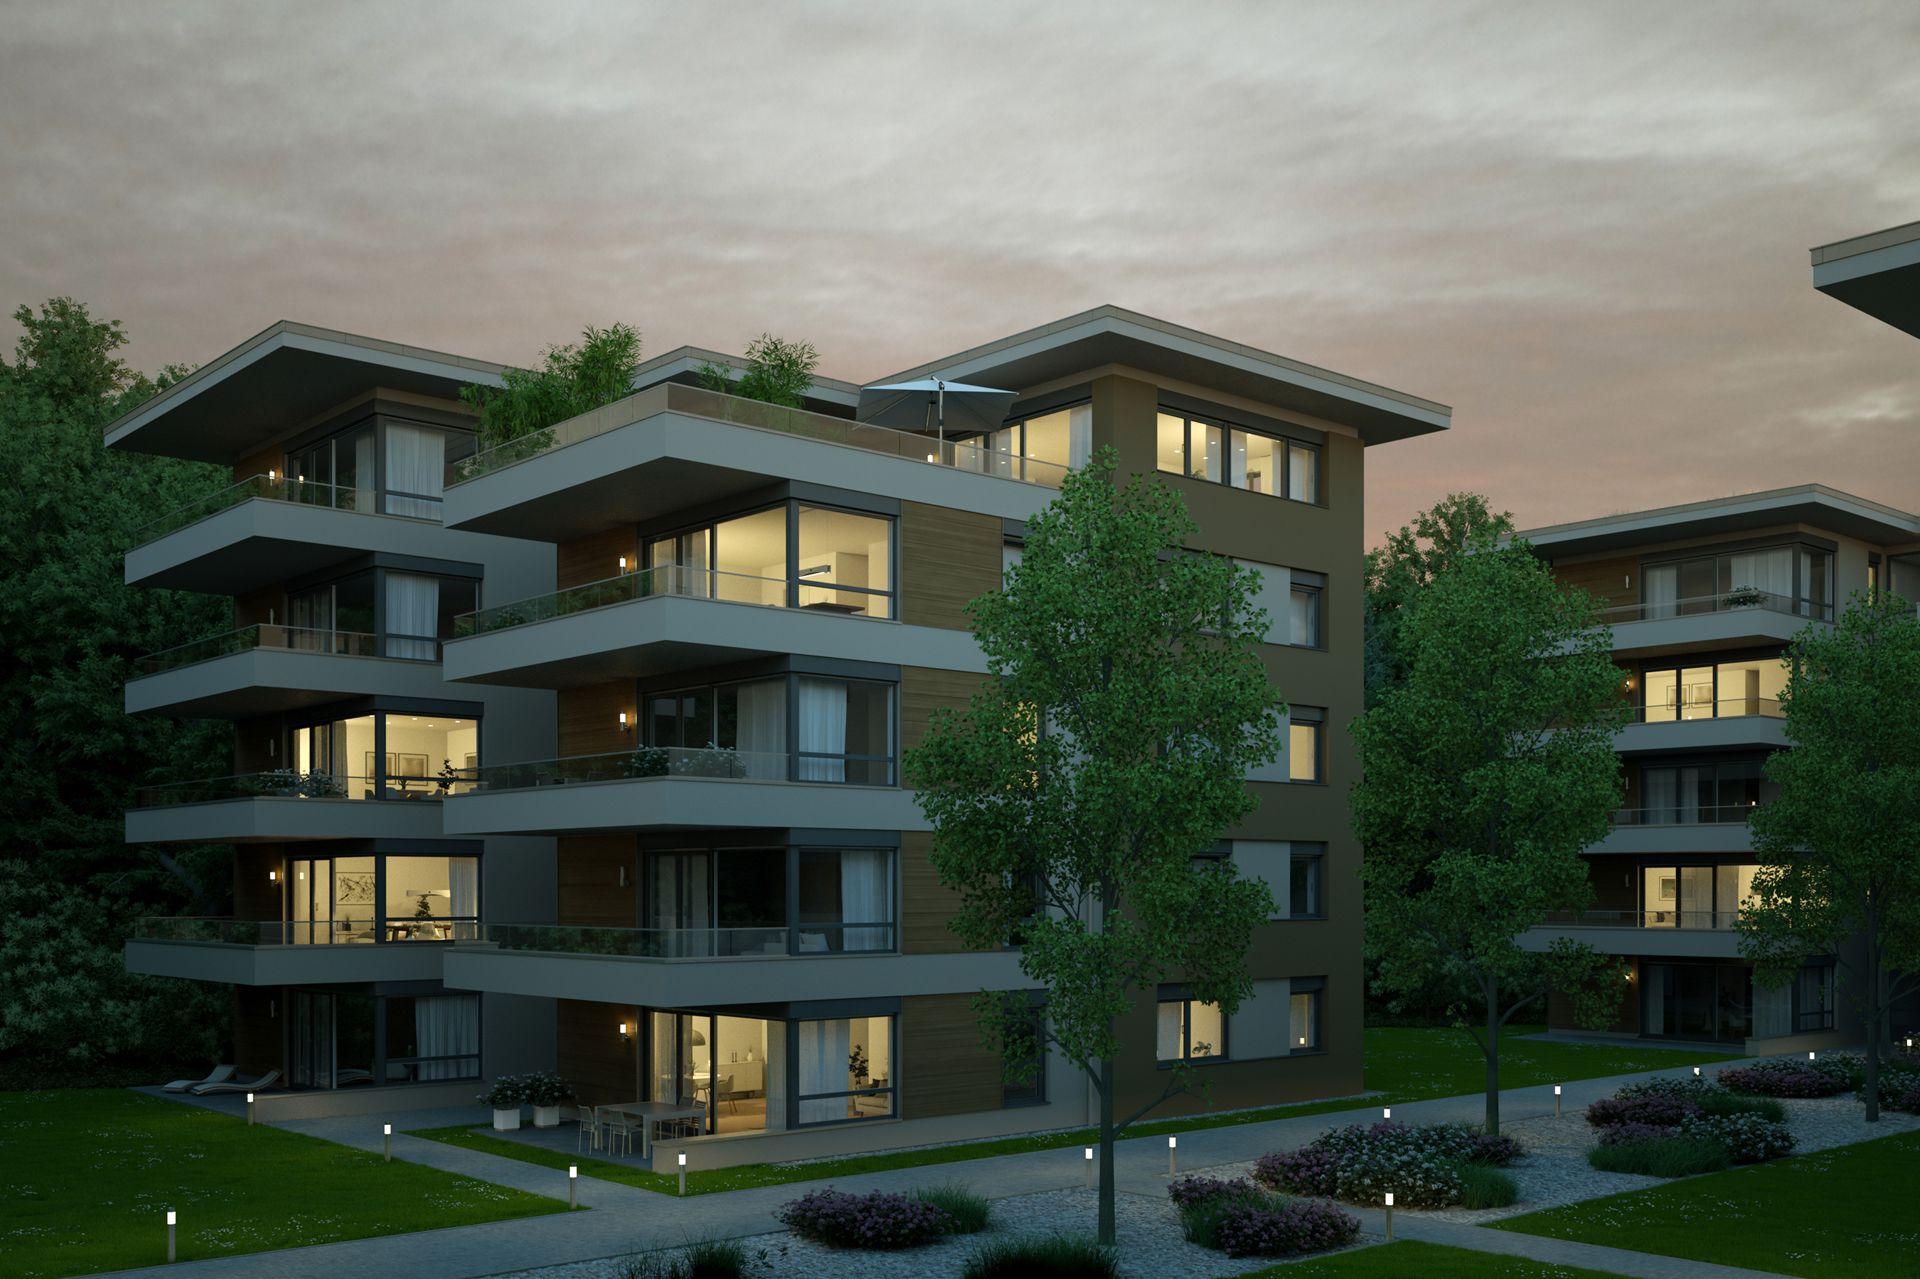 Visualisierung Wohnanlage Bad Kreuznach Exterieur Nachtbild